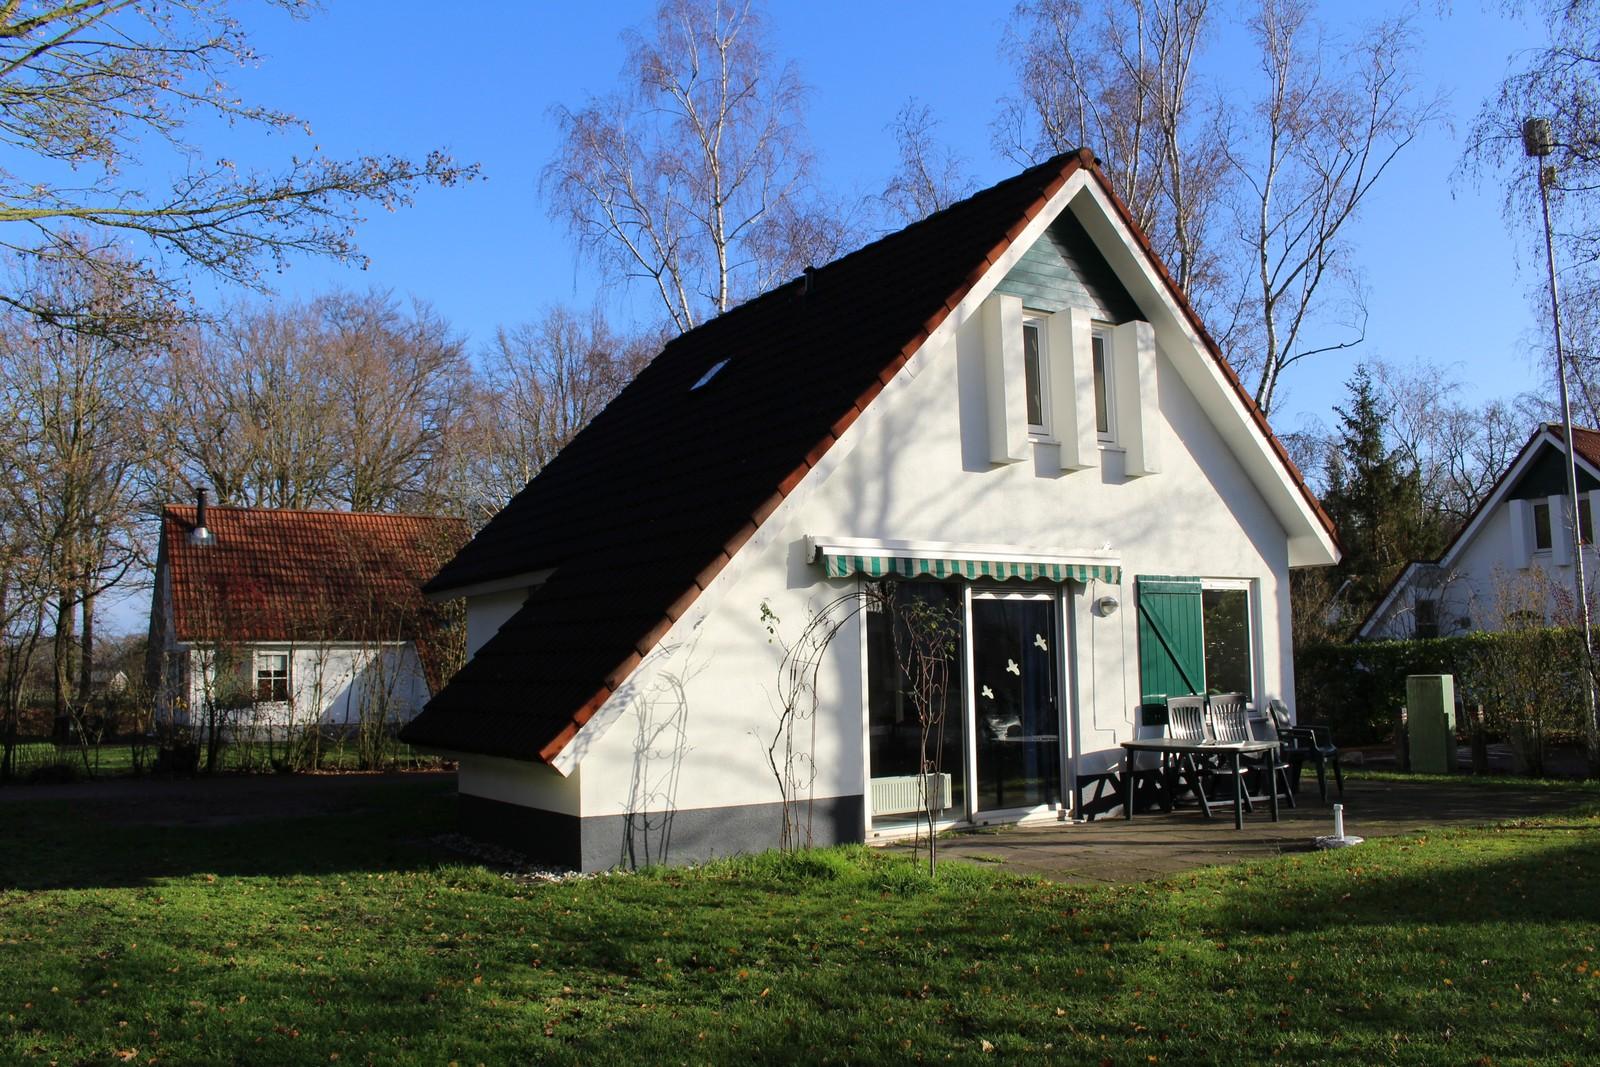 1 Landgoed De Elsgraven - Vakantiehuis nr. 117 - 4-persoons